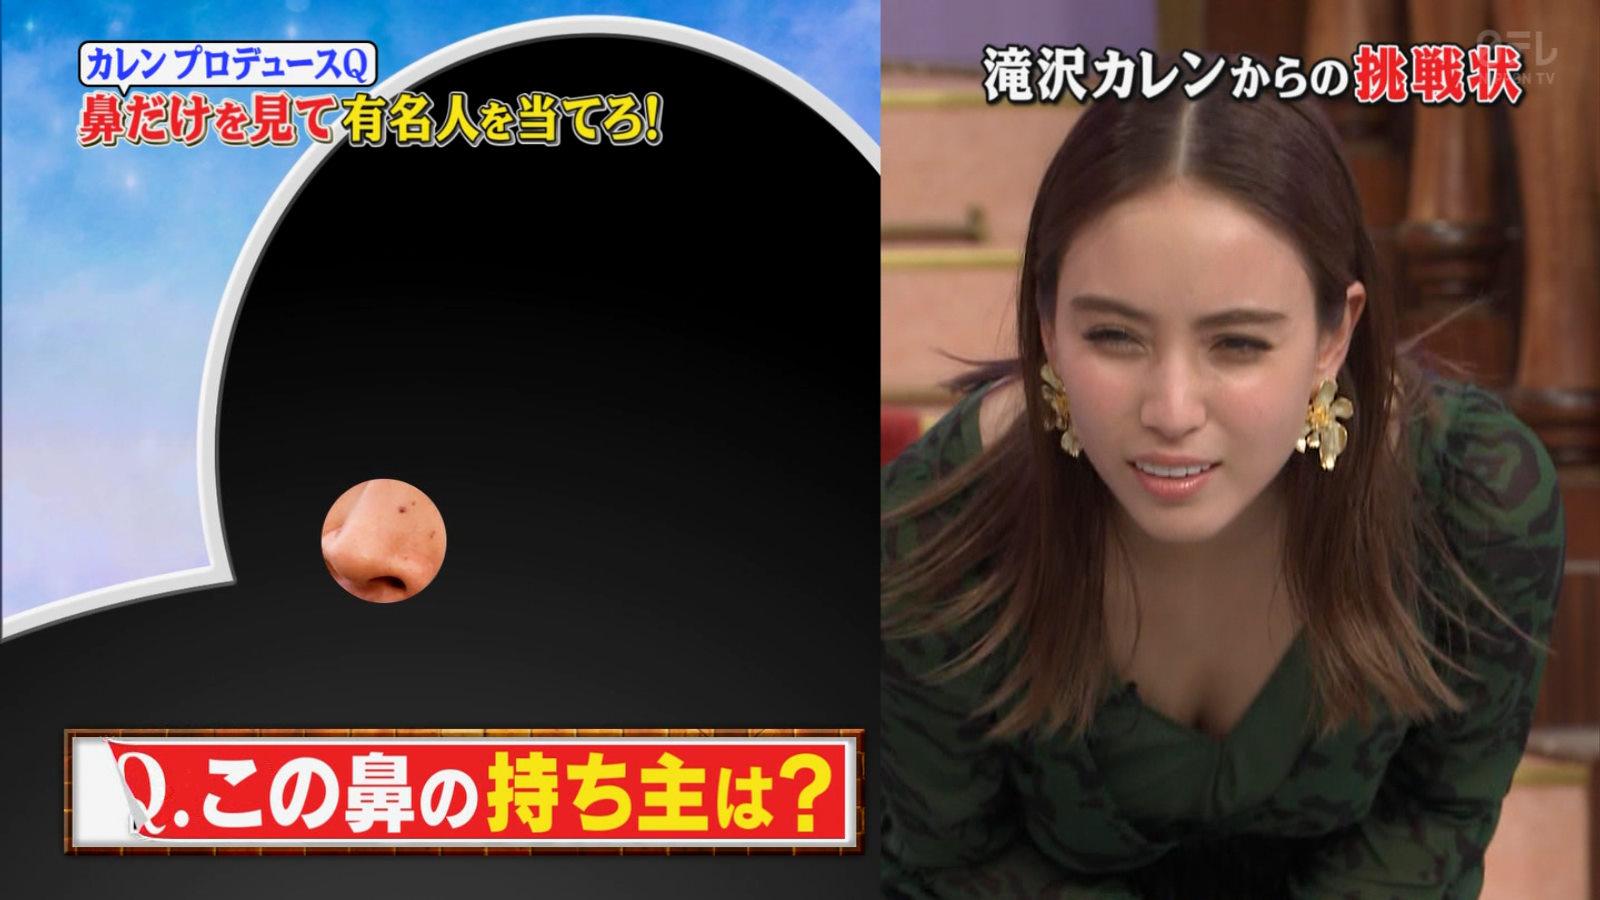 滝沢カレン_胸チラ_谷間_おっぱい_しゃべくり007_14